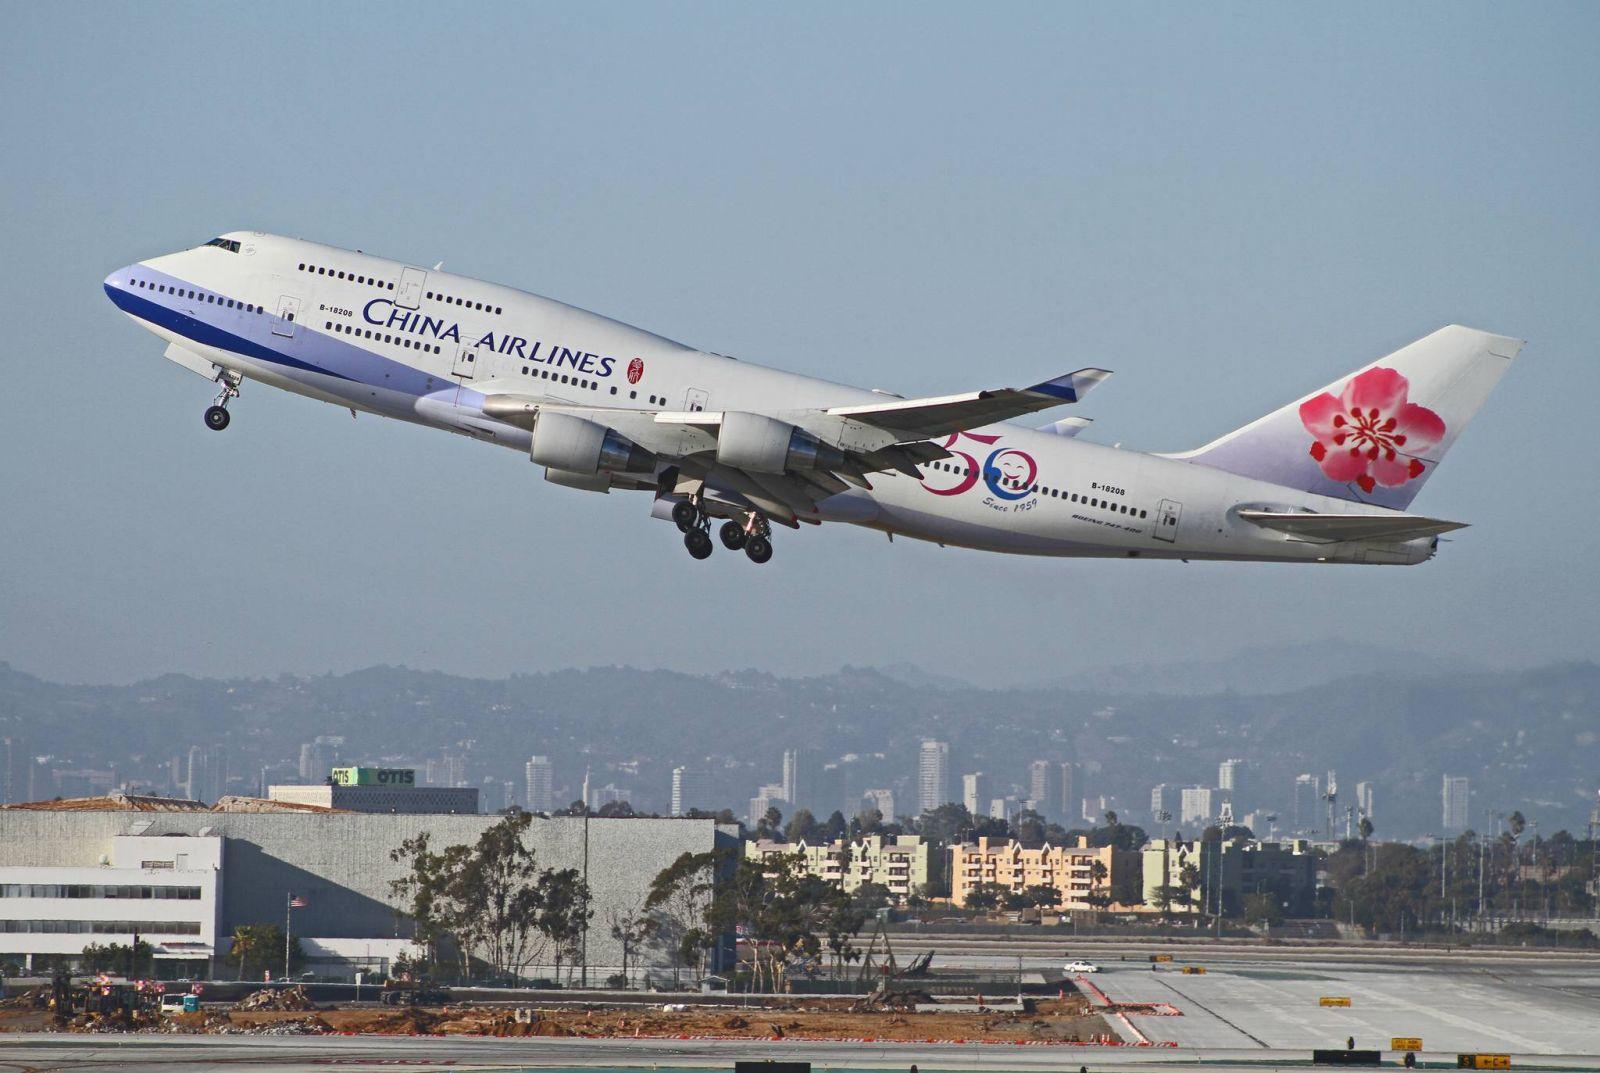 Tận hưởng ưu đãi Tết Nguyên Đán giảm 15% từ hãng hàng không China Airlines